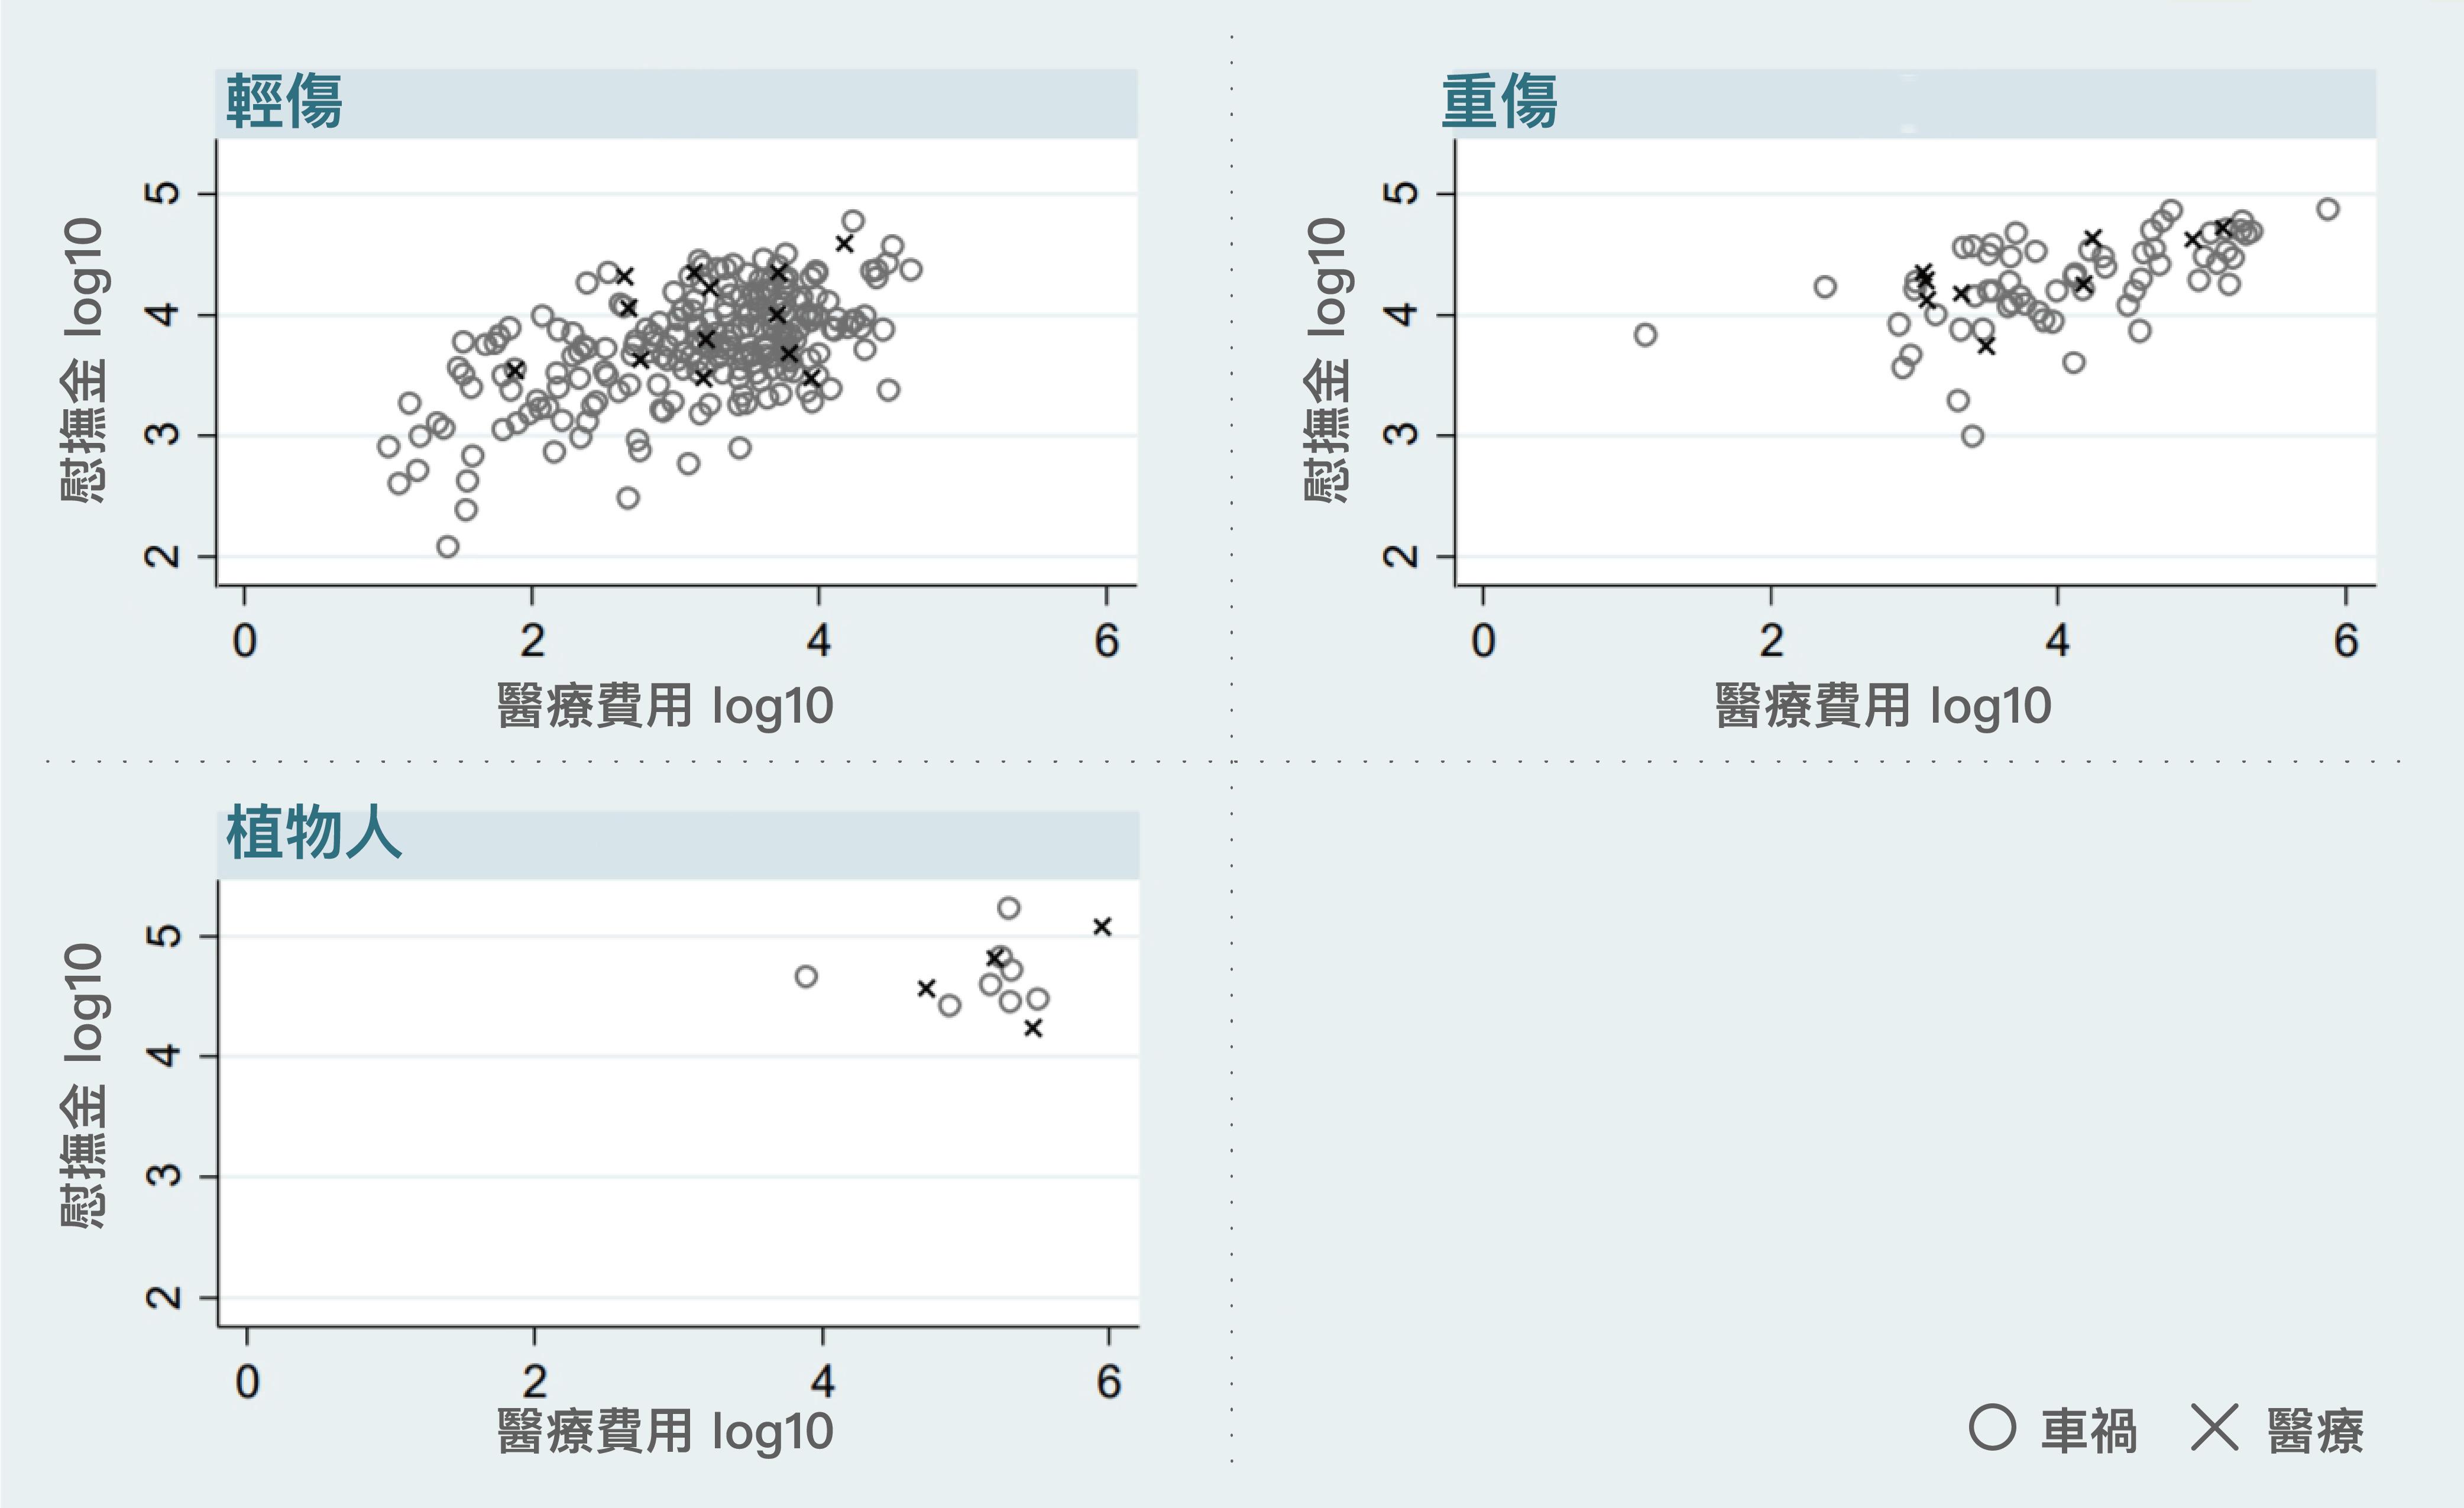 X 軸與 Y 軸為數值取 log10;取 log10 後的數值,表示原始數值是 1 之後有多少個 0,例如 log10=6 表示原始數值為 1,000,000。從圖中的的分布可以看出,慰撫金額的高低,跟受傷程度、醫療費用,皆呈現正相關。 資料來源│張永健 圖說重製│黃楷元、張語辰